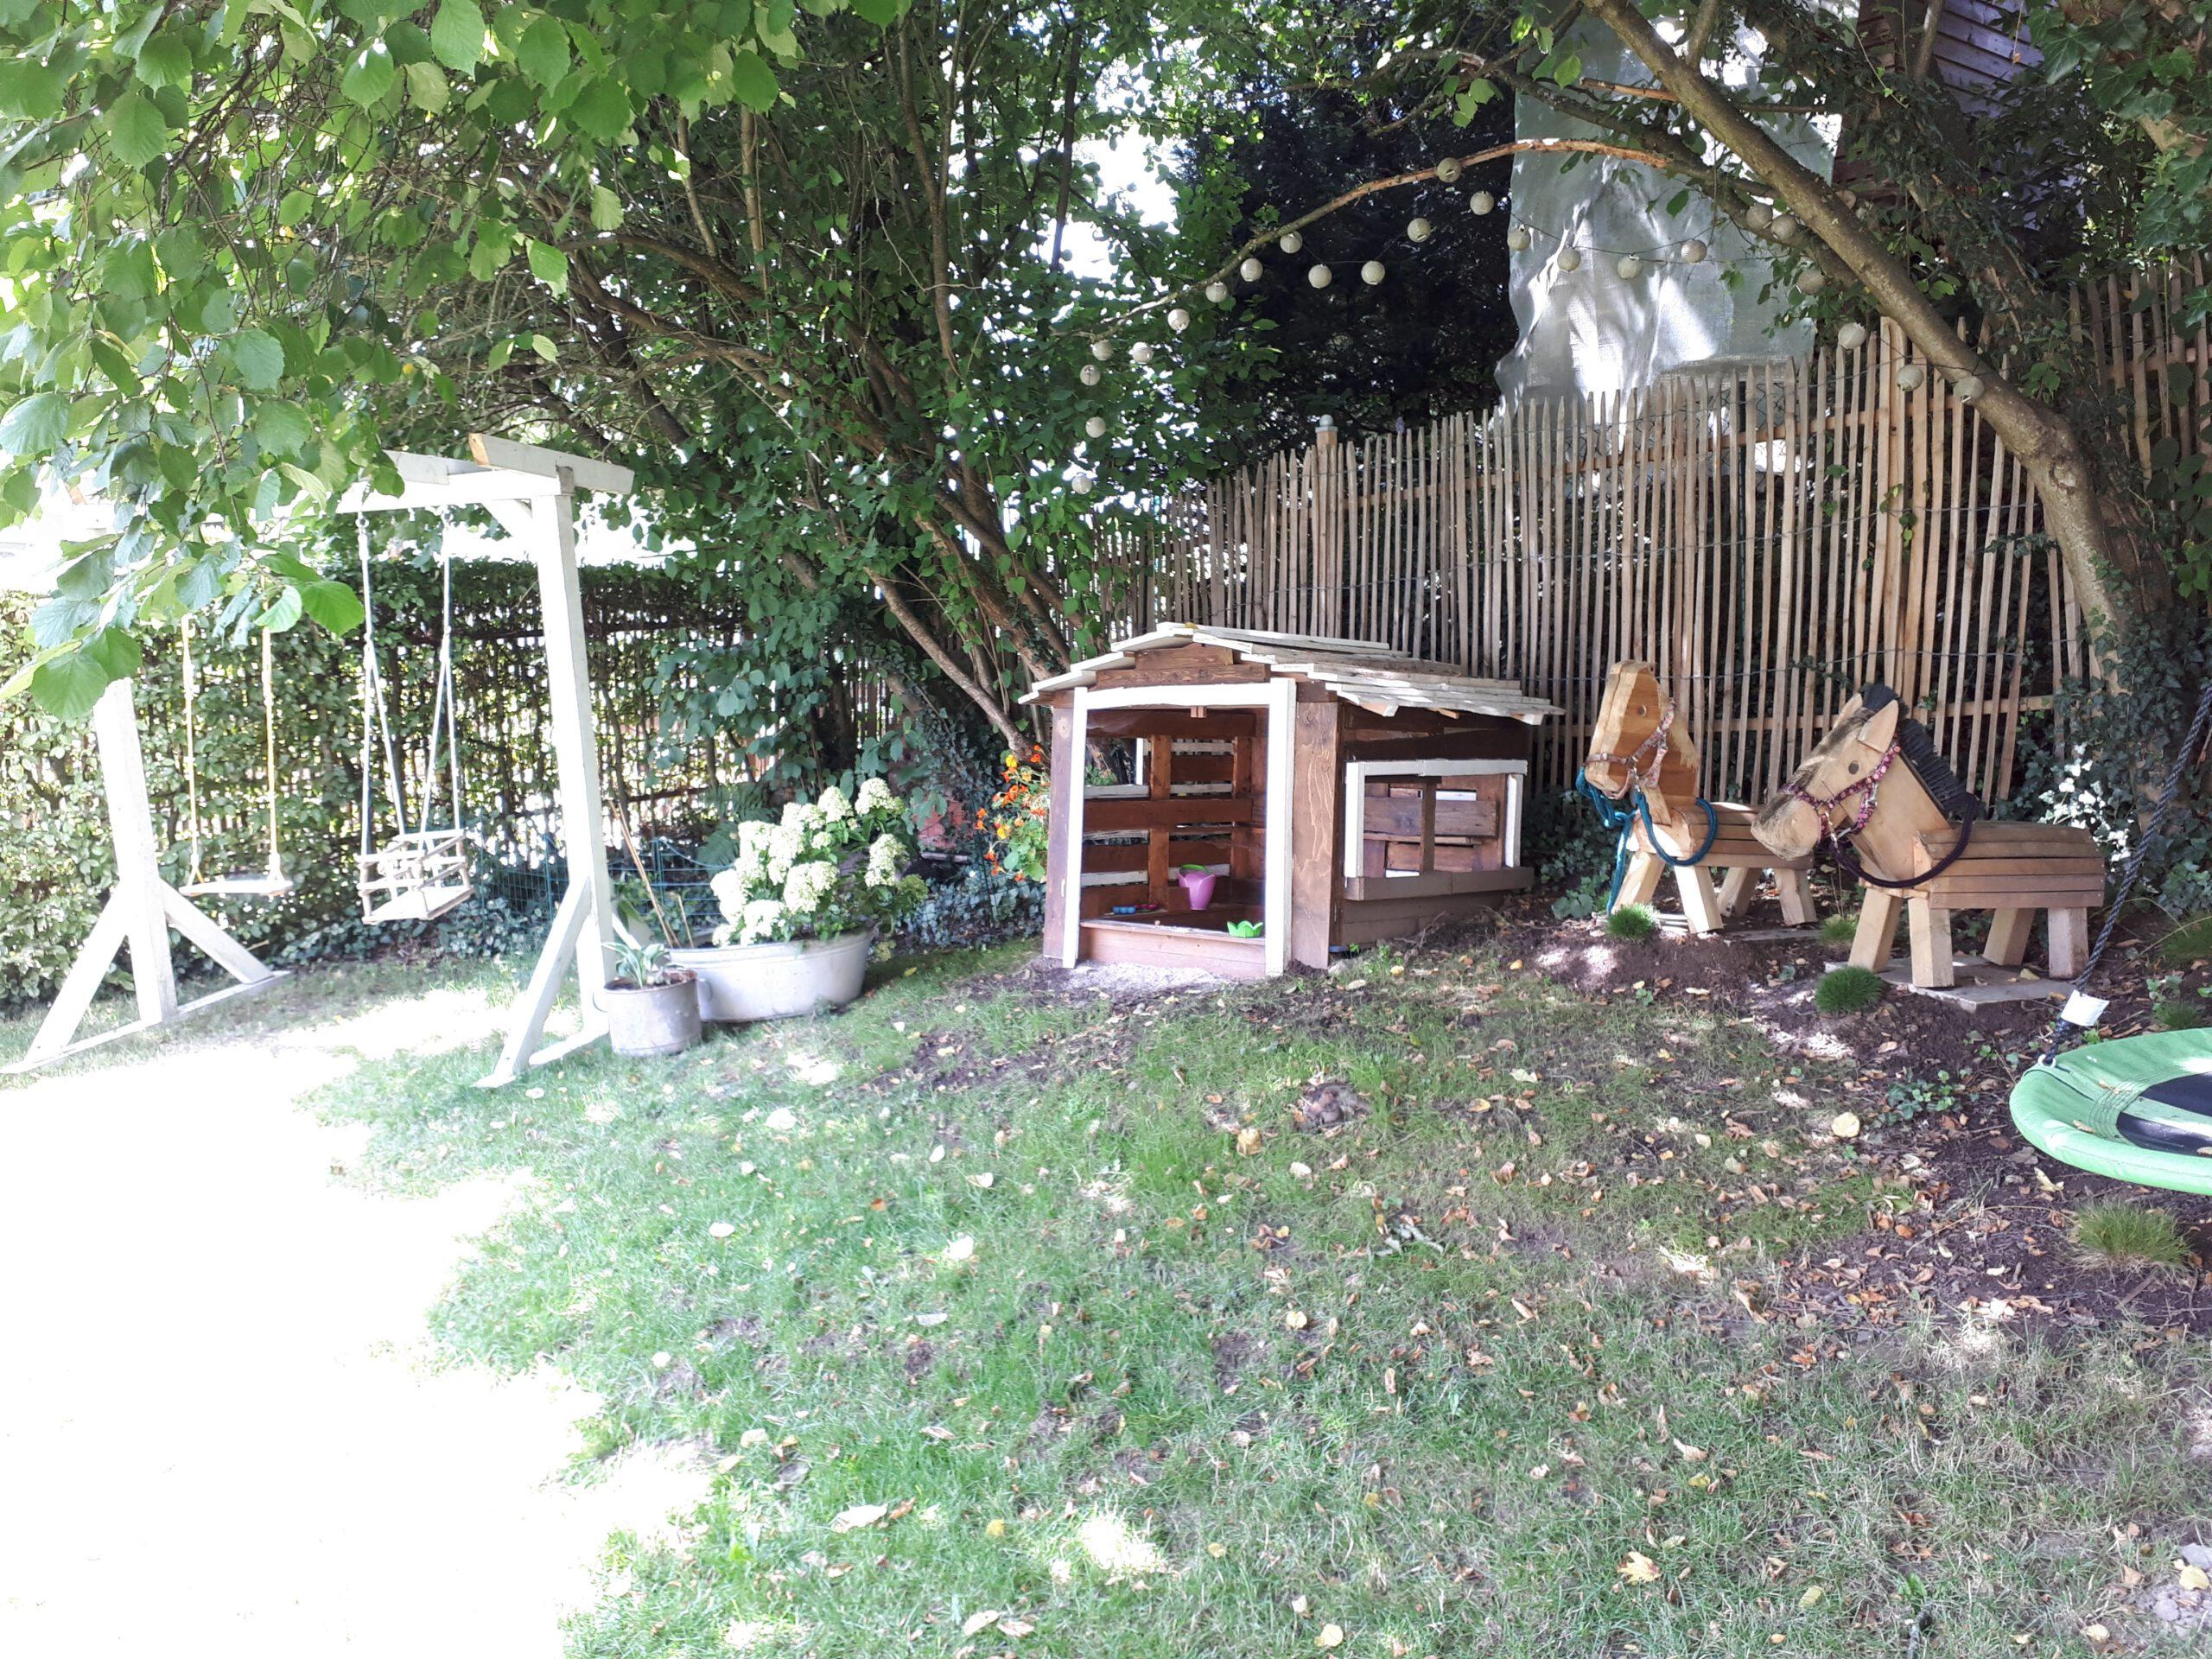 Unser Abenteuerspielplatz im Garten mit Baumhaus, Holzpferden und Schaukelpergola.